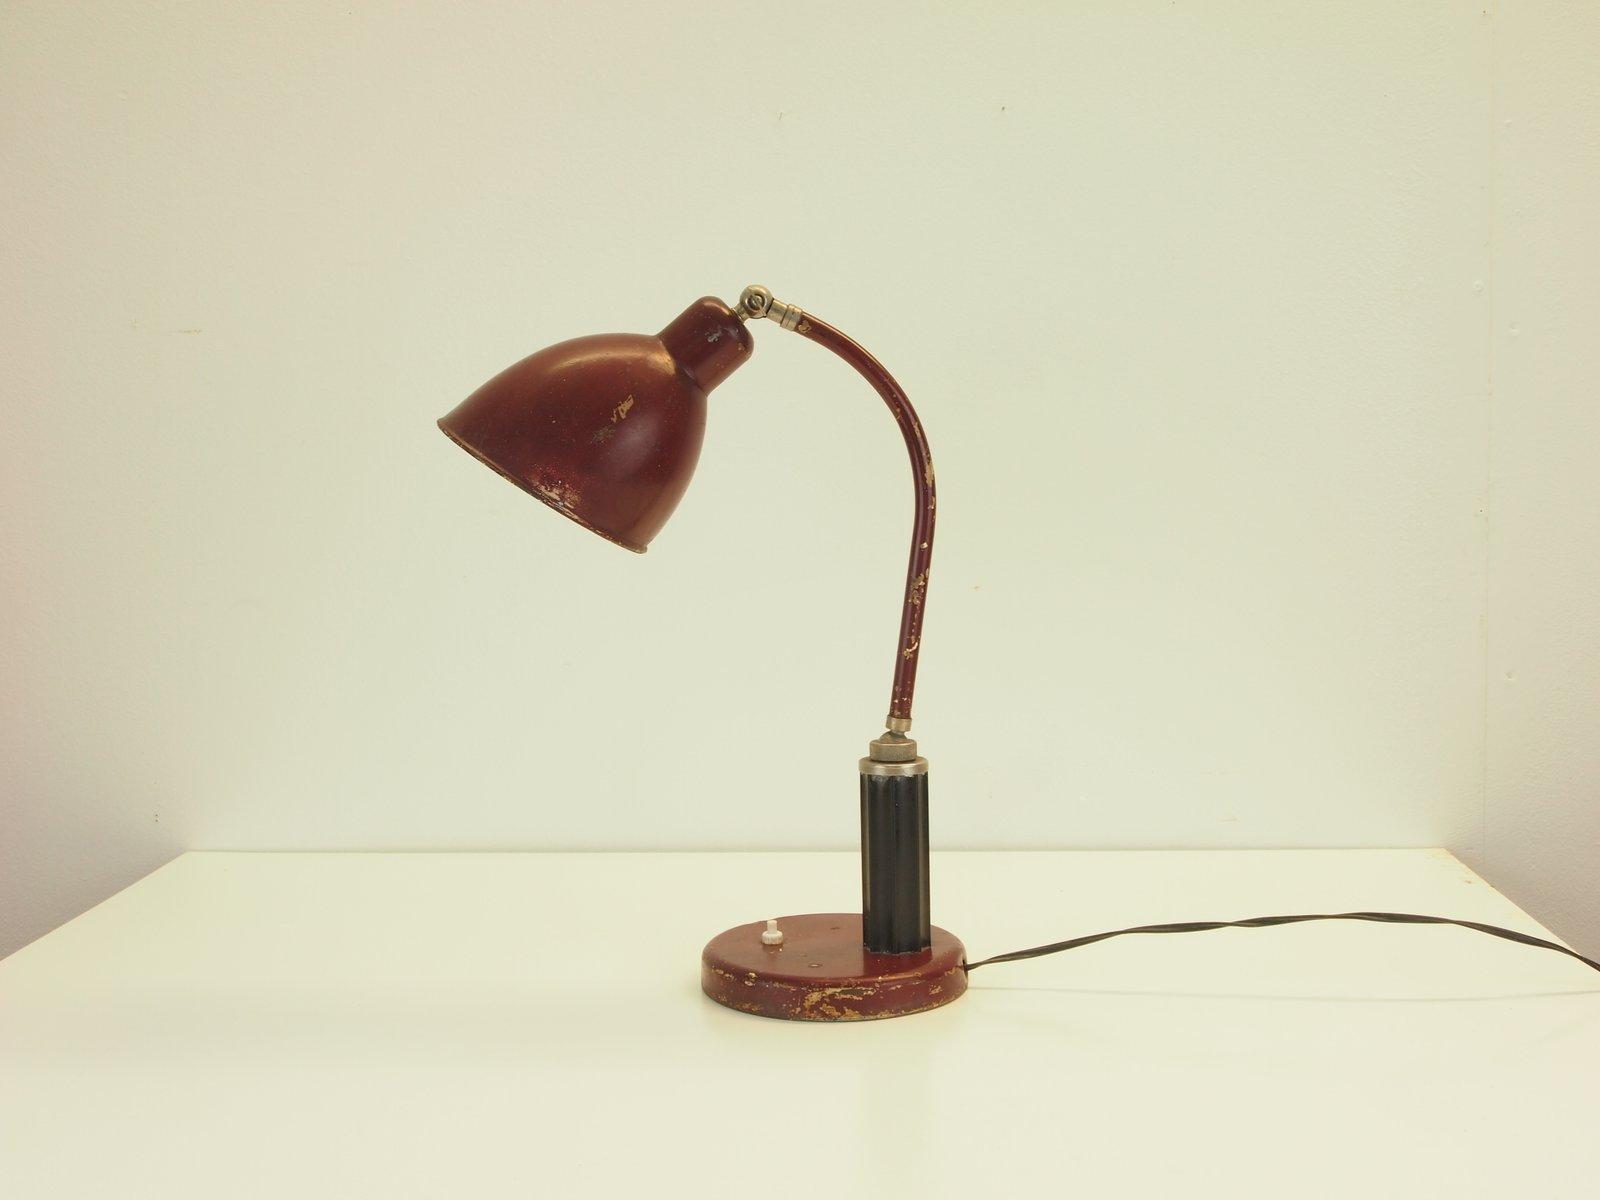 lampe de bureau vintage molitor grapholux par christian dell pour molitor zweckleuchten en vente. Black Bedroom Furniture Sets. Home Design Ideas